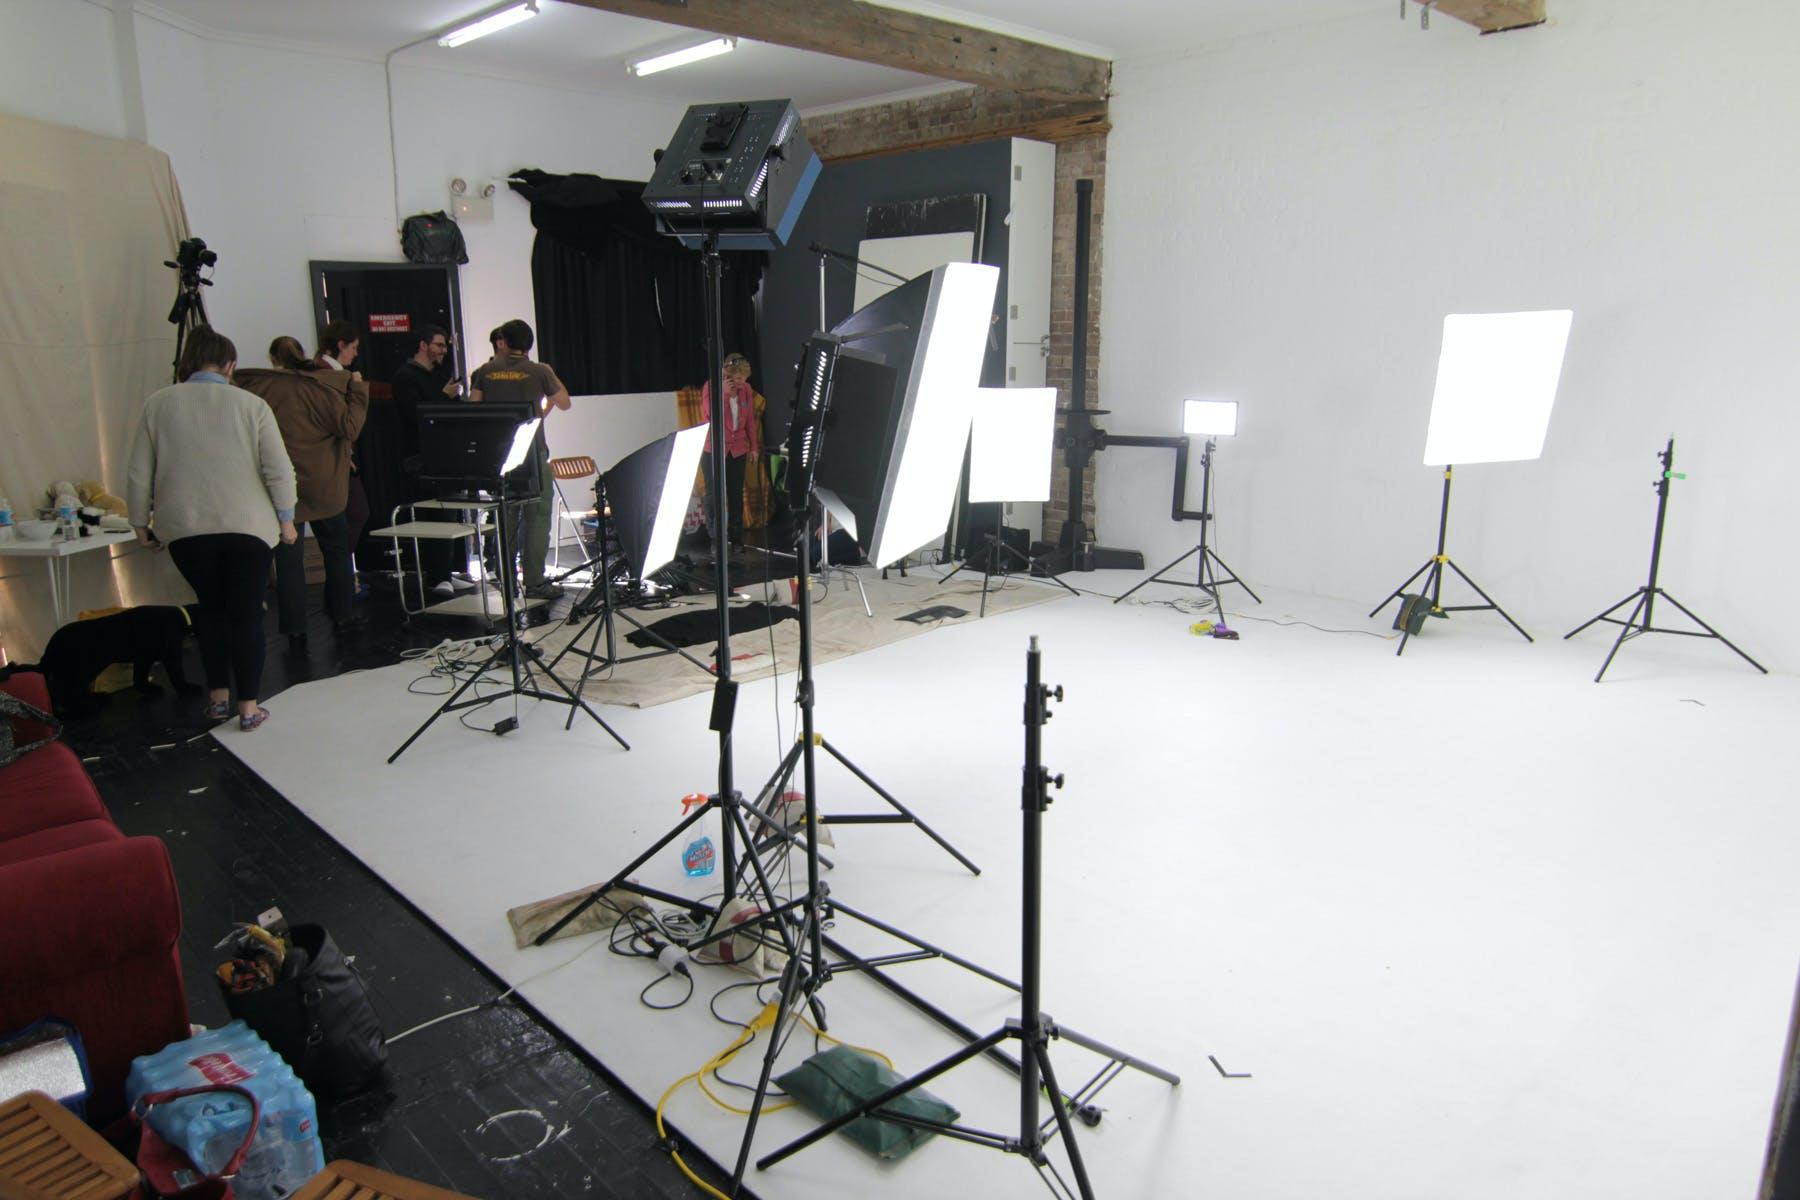 Photography Studio, creative studio at Black Door Studio, image 7